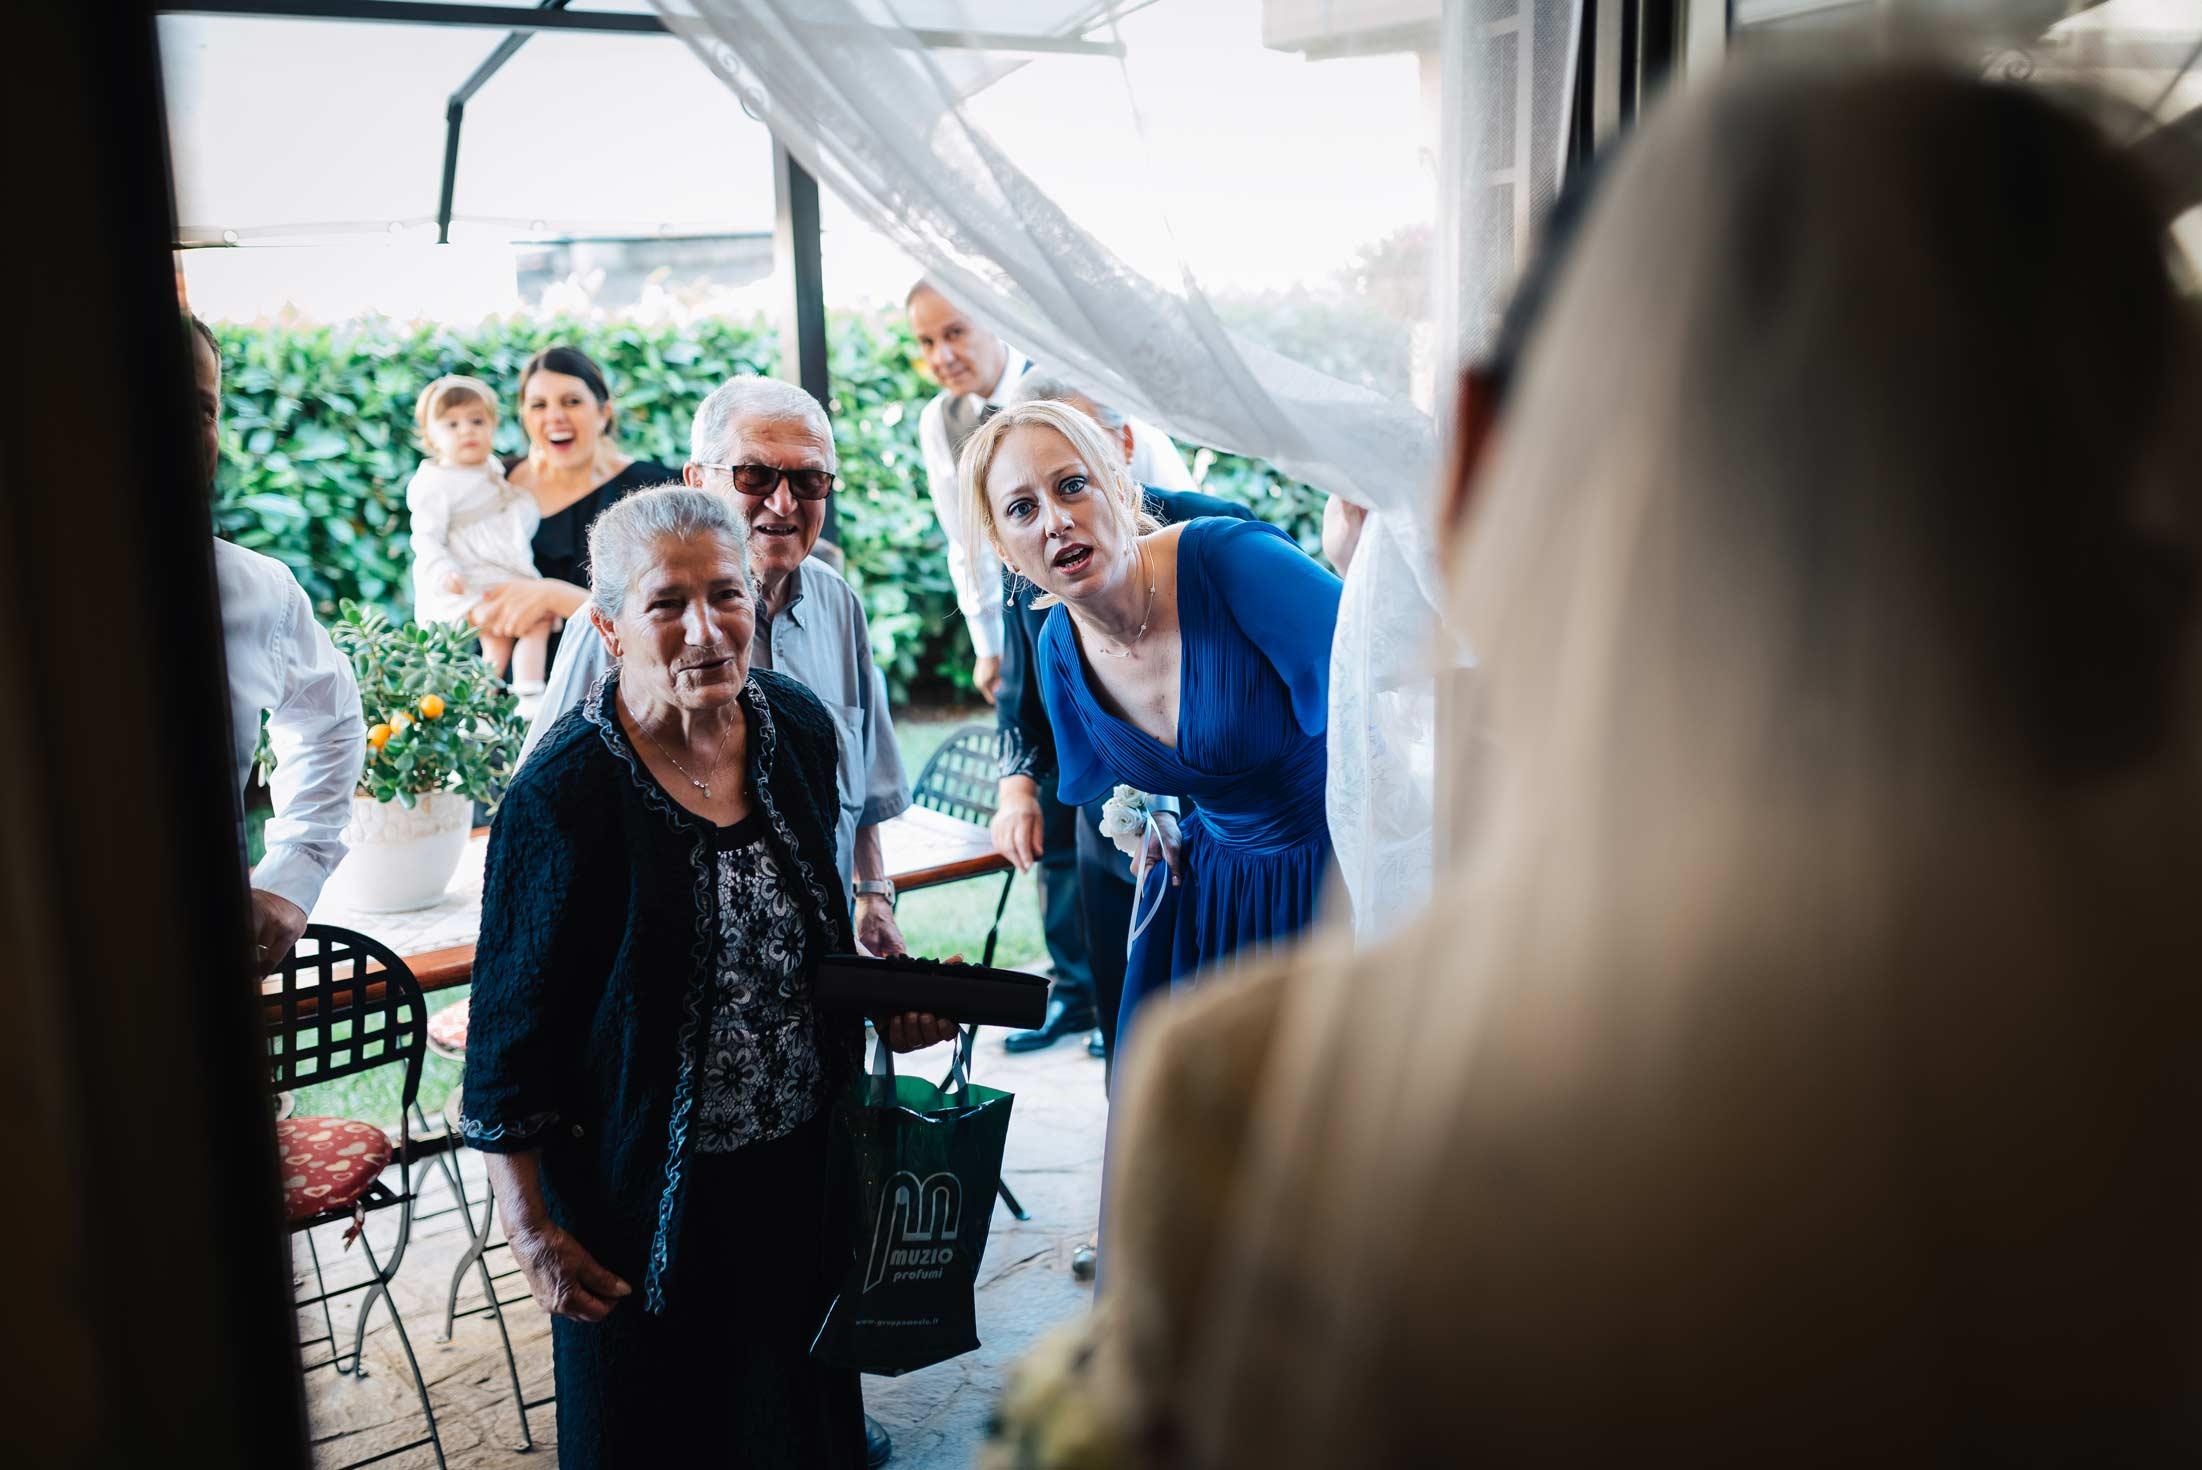 Fotografo-Per-Matrimonio-Roma-Reportage-Preparativi-Sposa